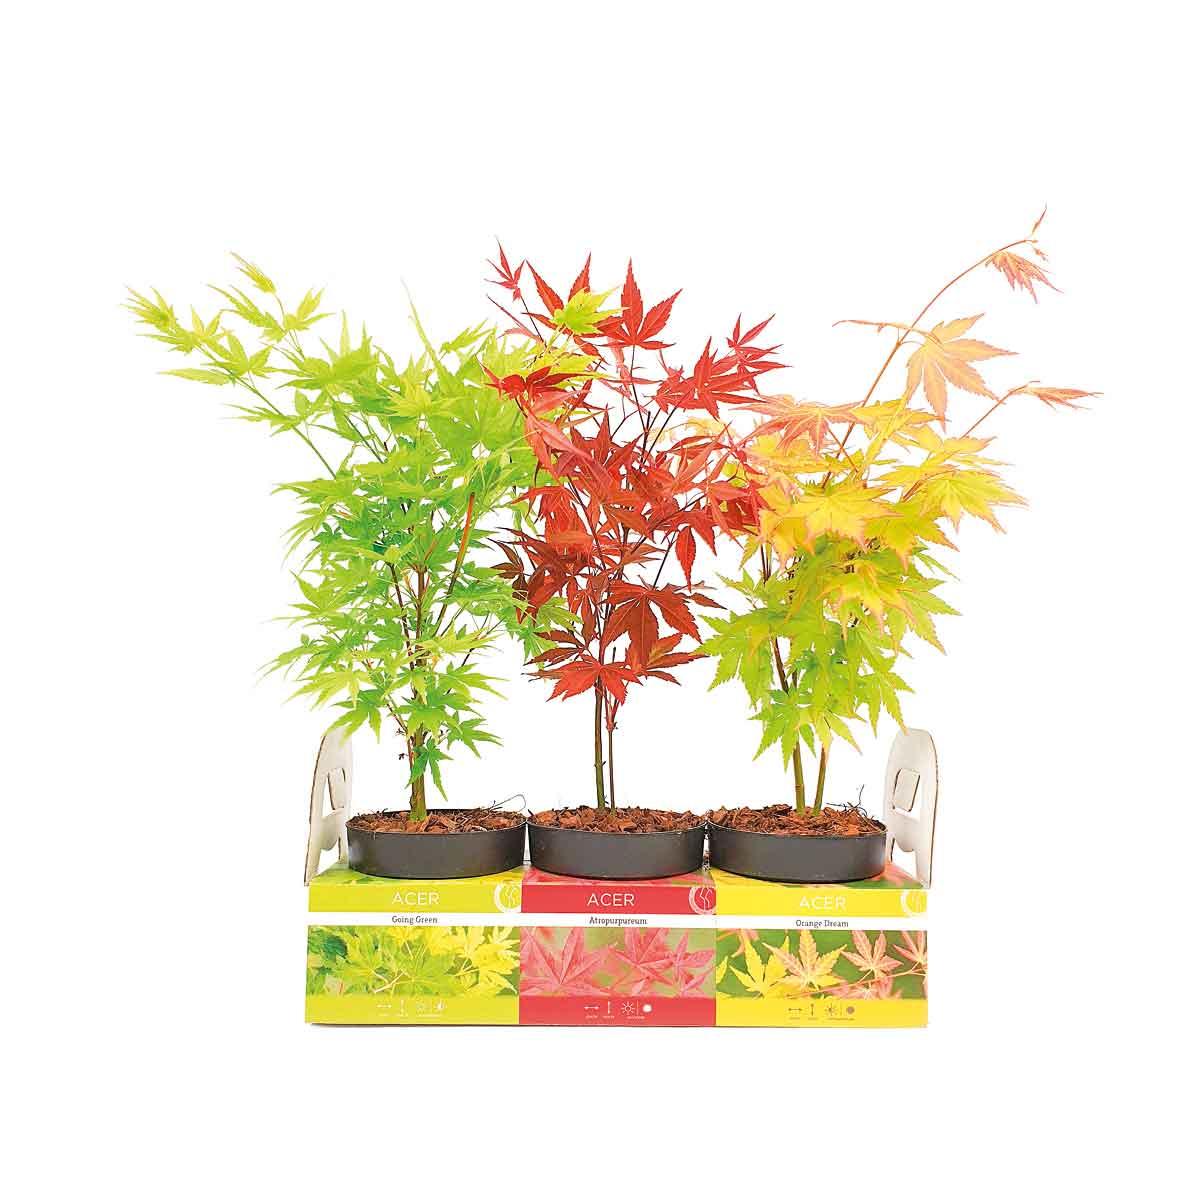 Aceri in Pack da 3 piante